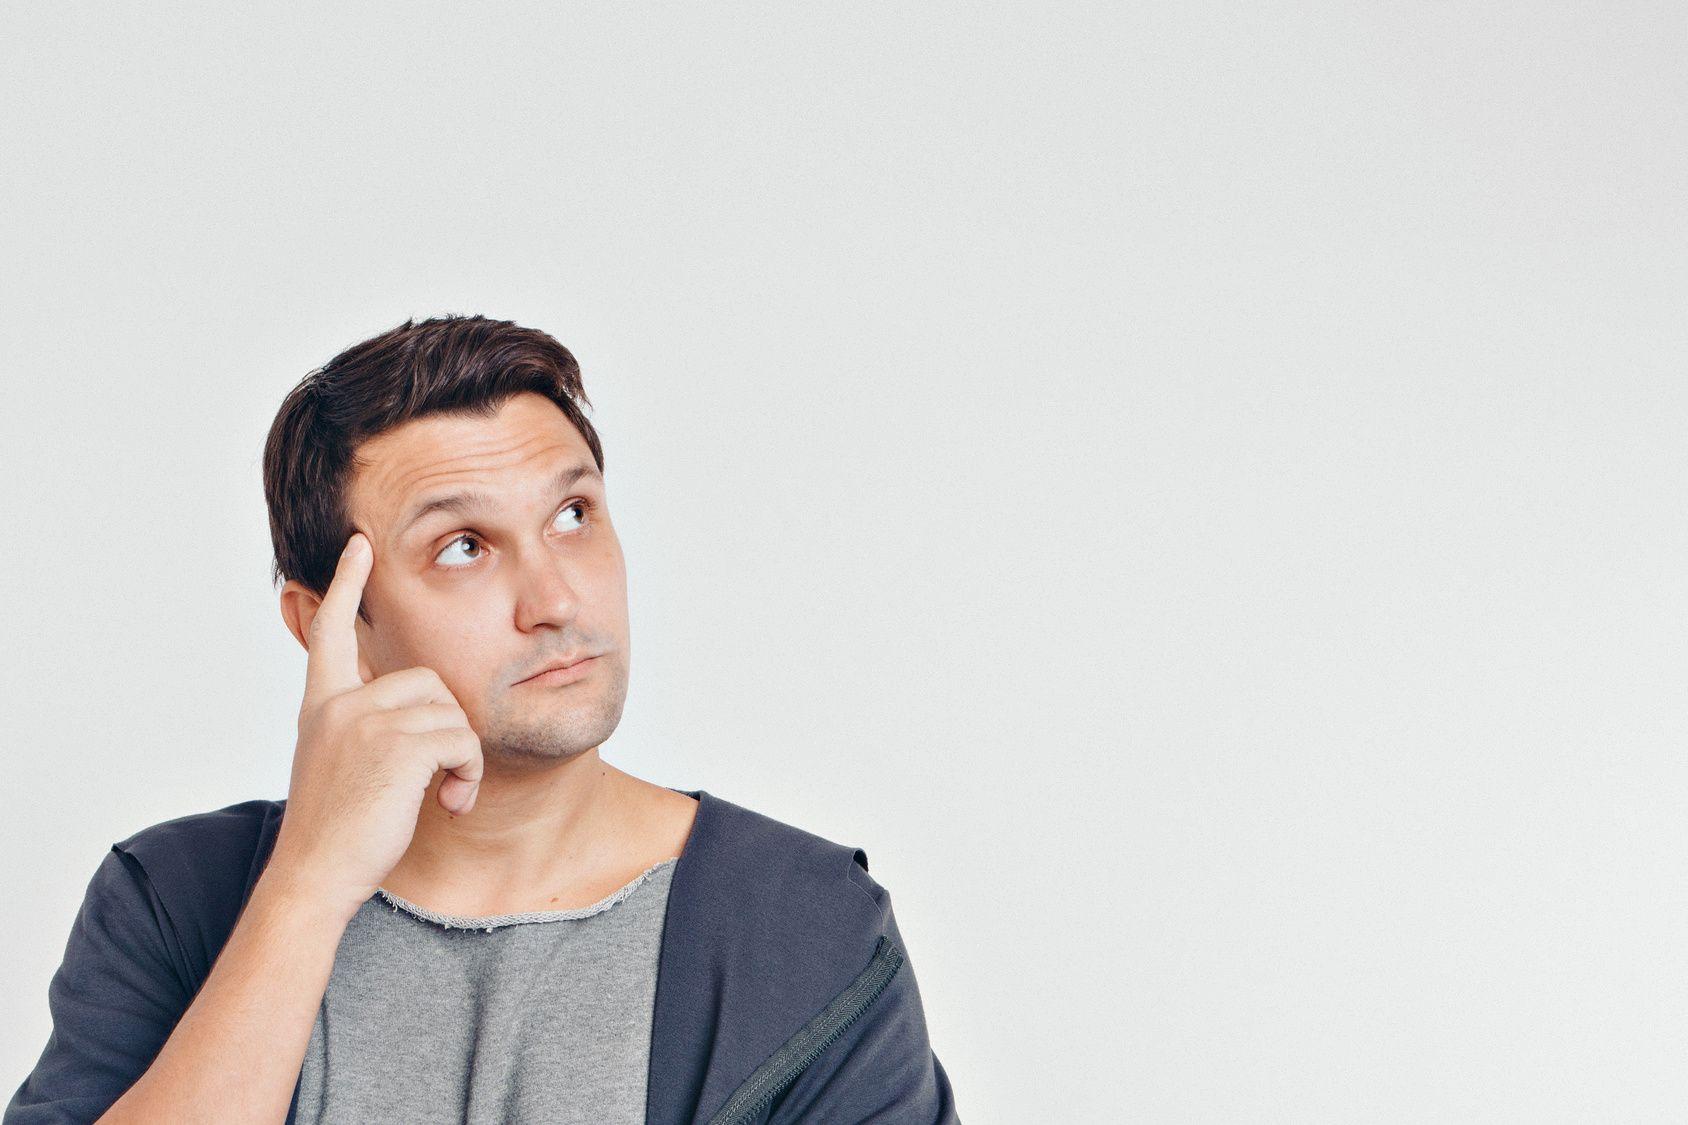 Wskazówki dotyczące umawiania się z kimś z ptsd